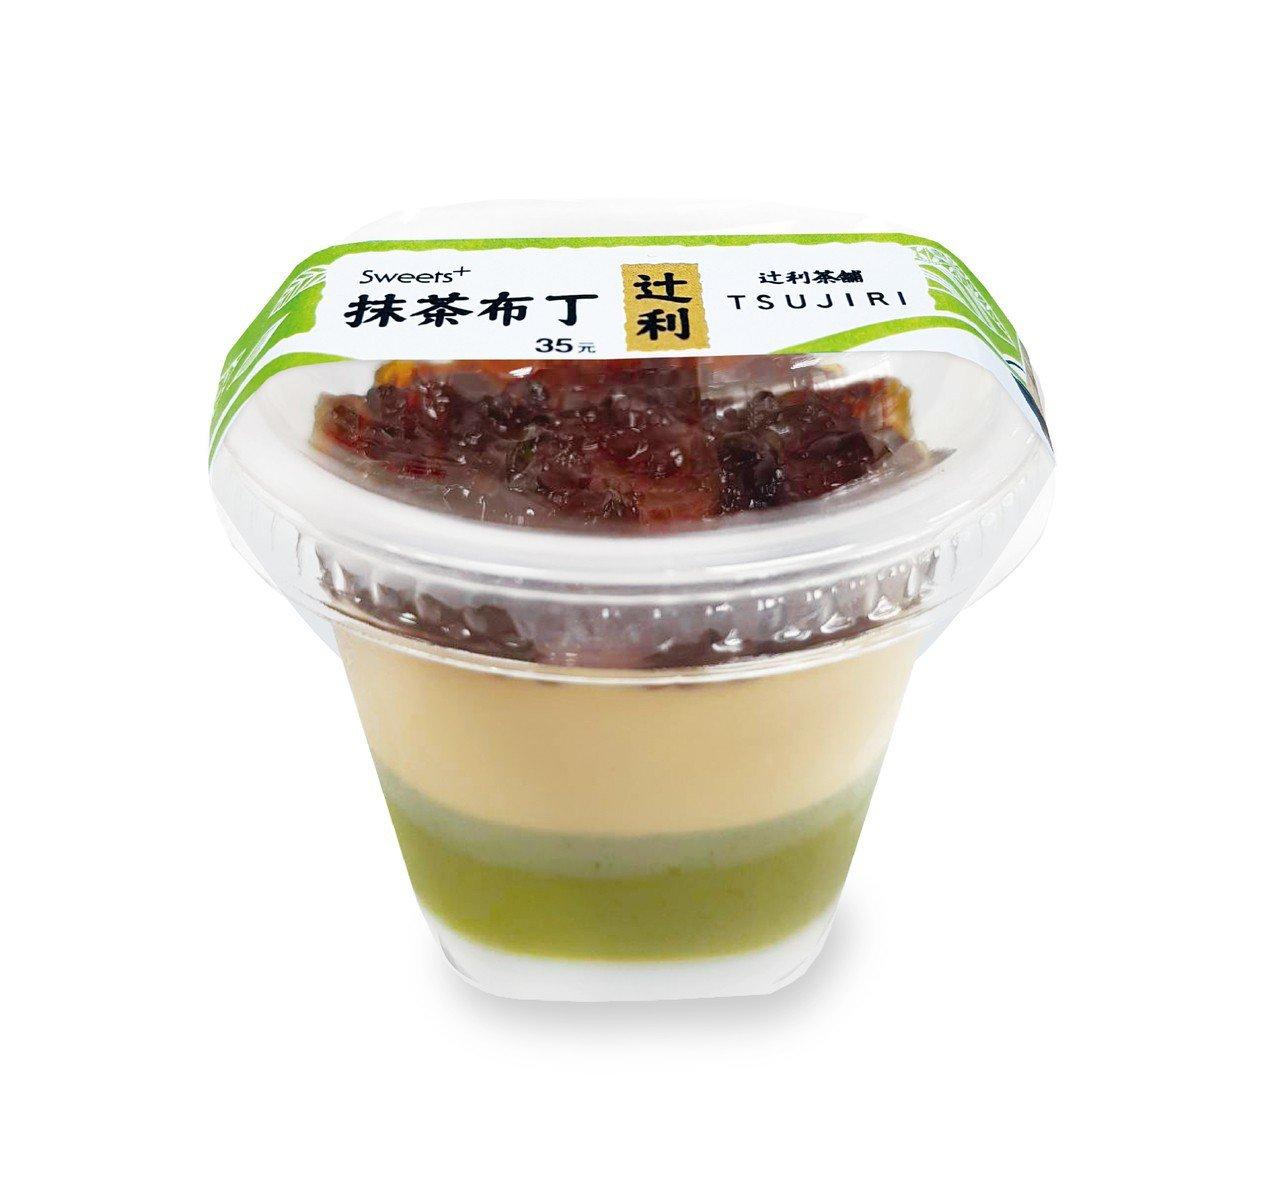 辻利抹茶布丁,售價35元,4月10日上市。圖/全家便利商店提供